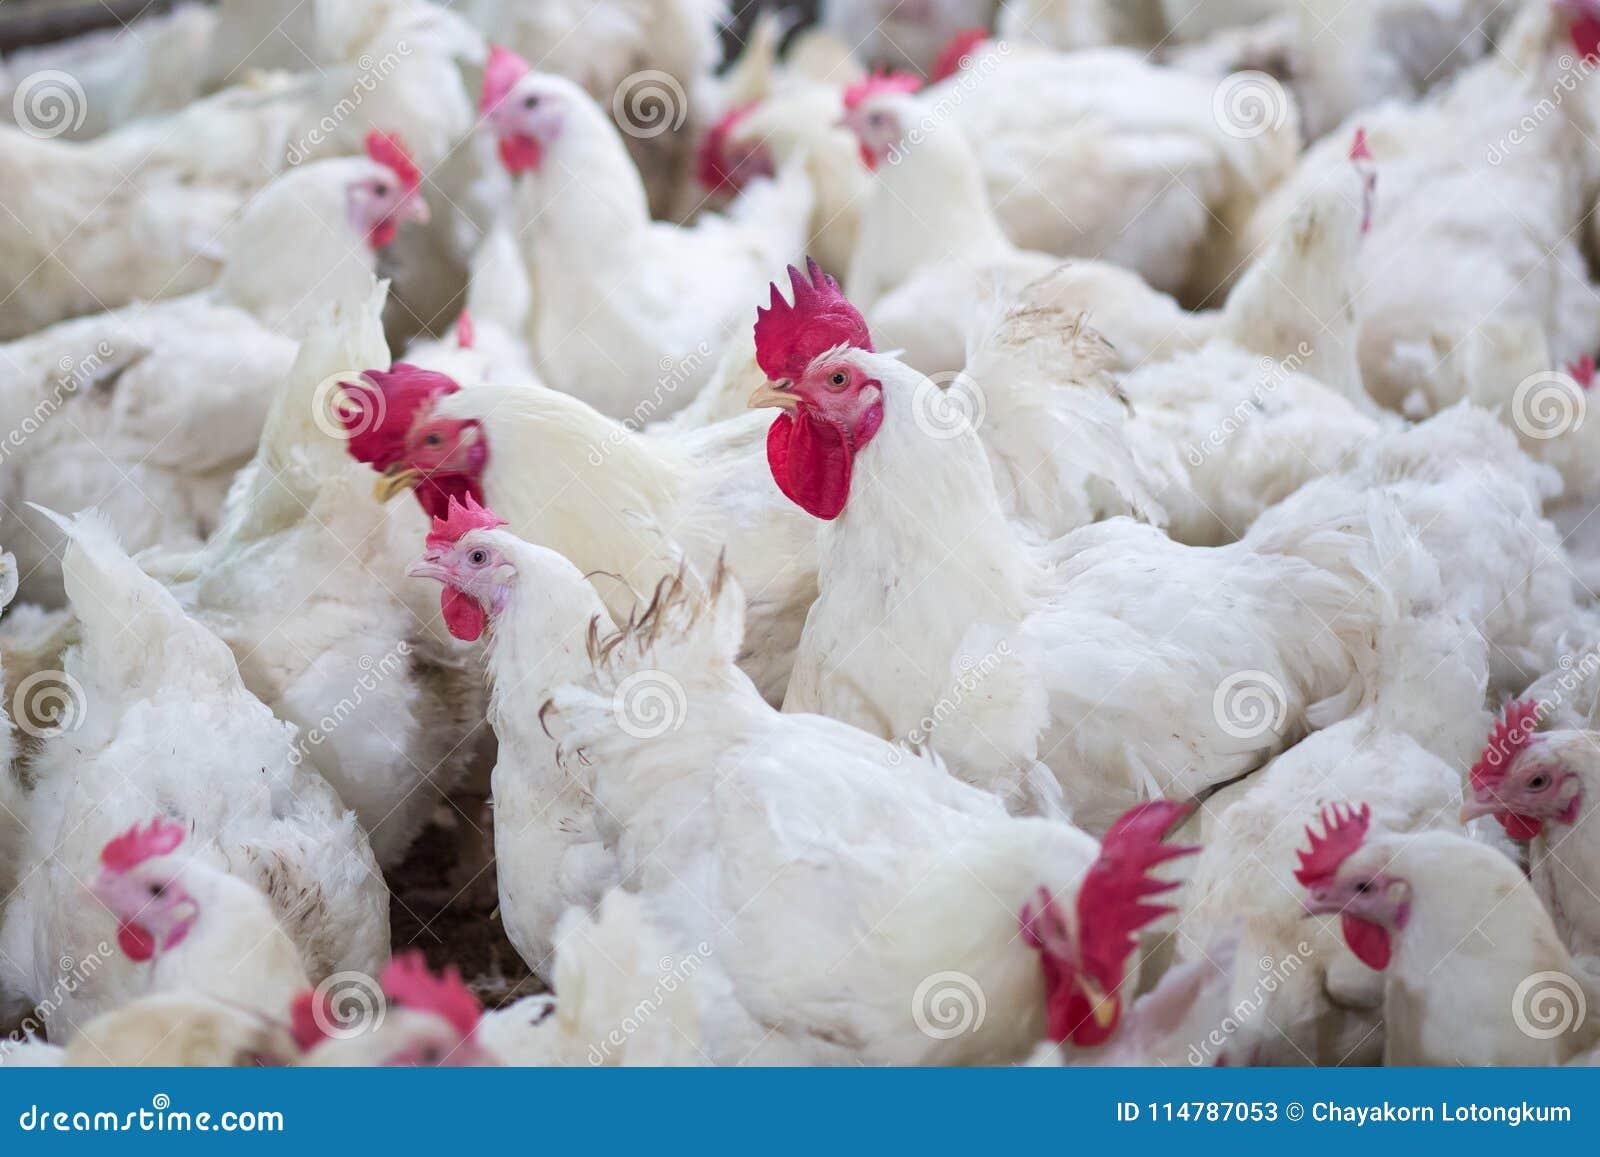 Negocio de la granja avícola con el fin de cultivar la carne